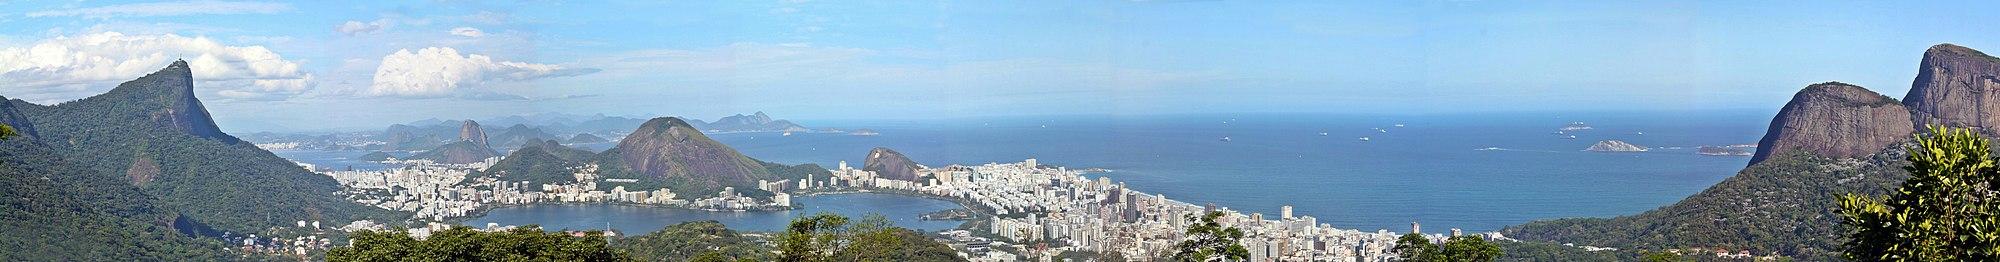 תצלום פנורמי של העיר ריו דה ז'ניירו ממרומי אחד ההרים המקיפים אותה (לצפייה הזיזו עם העכבר את סרגל הגלילה בתחתית התמונה)